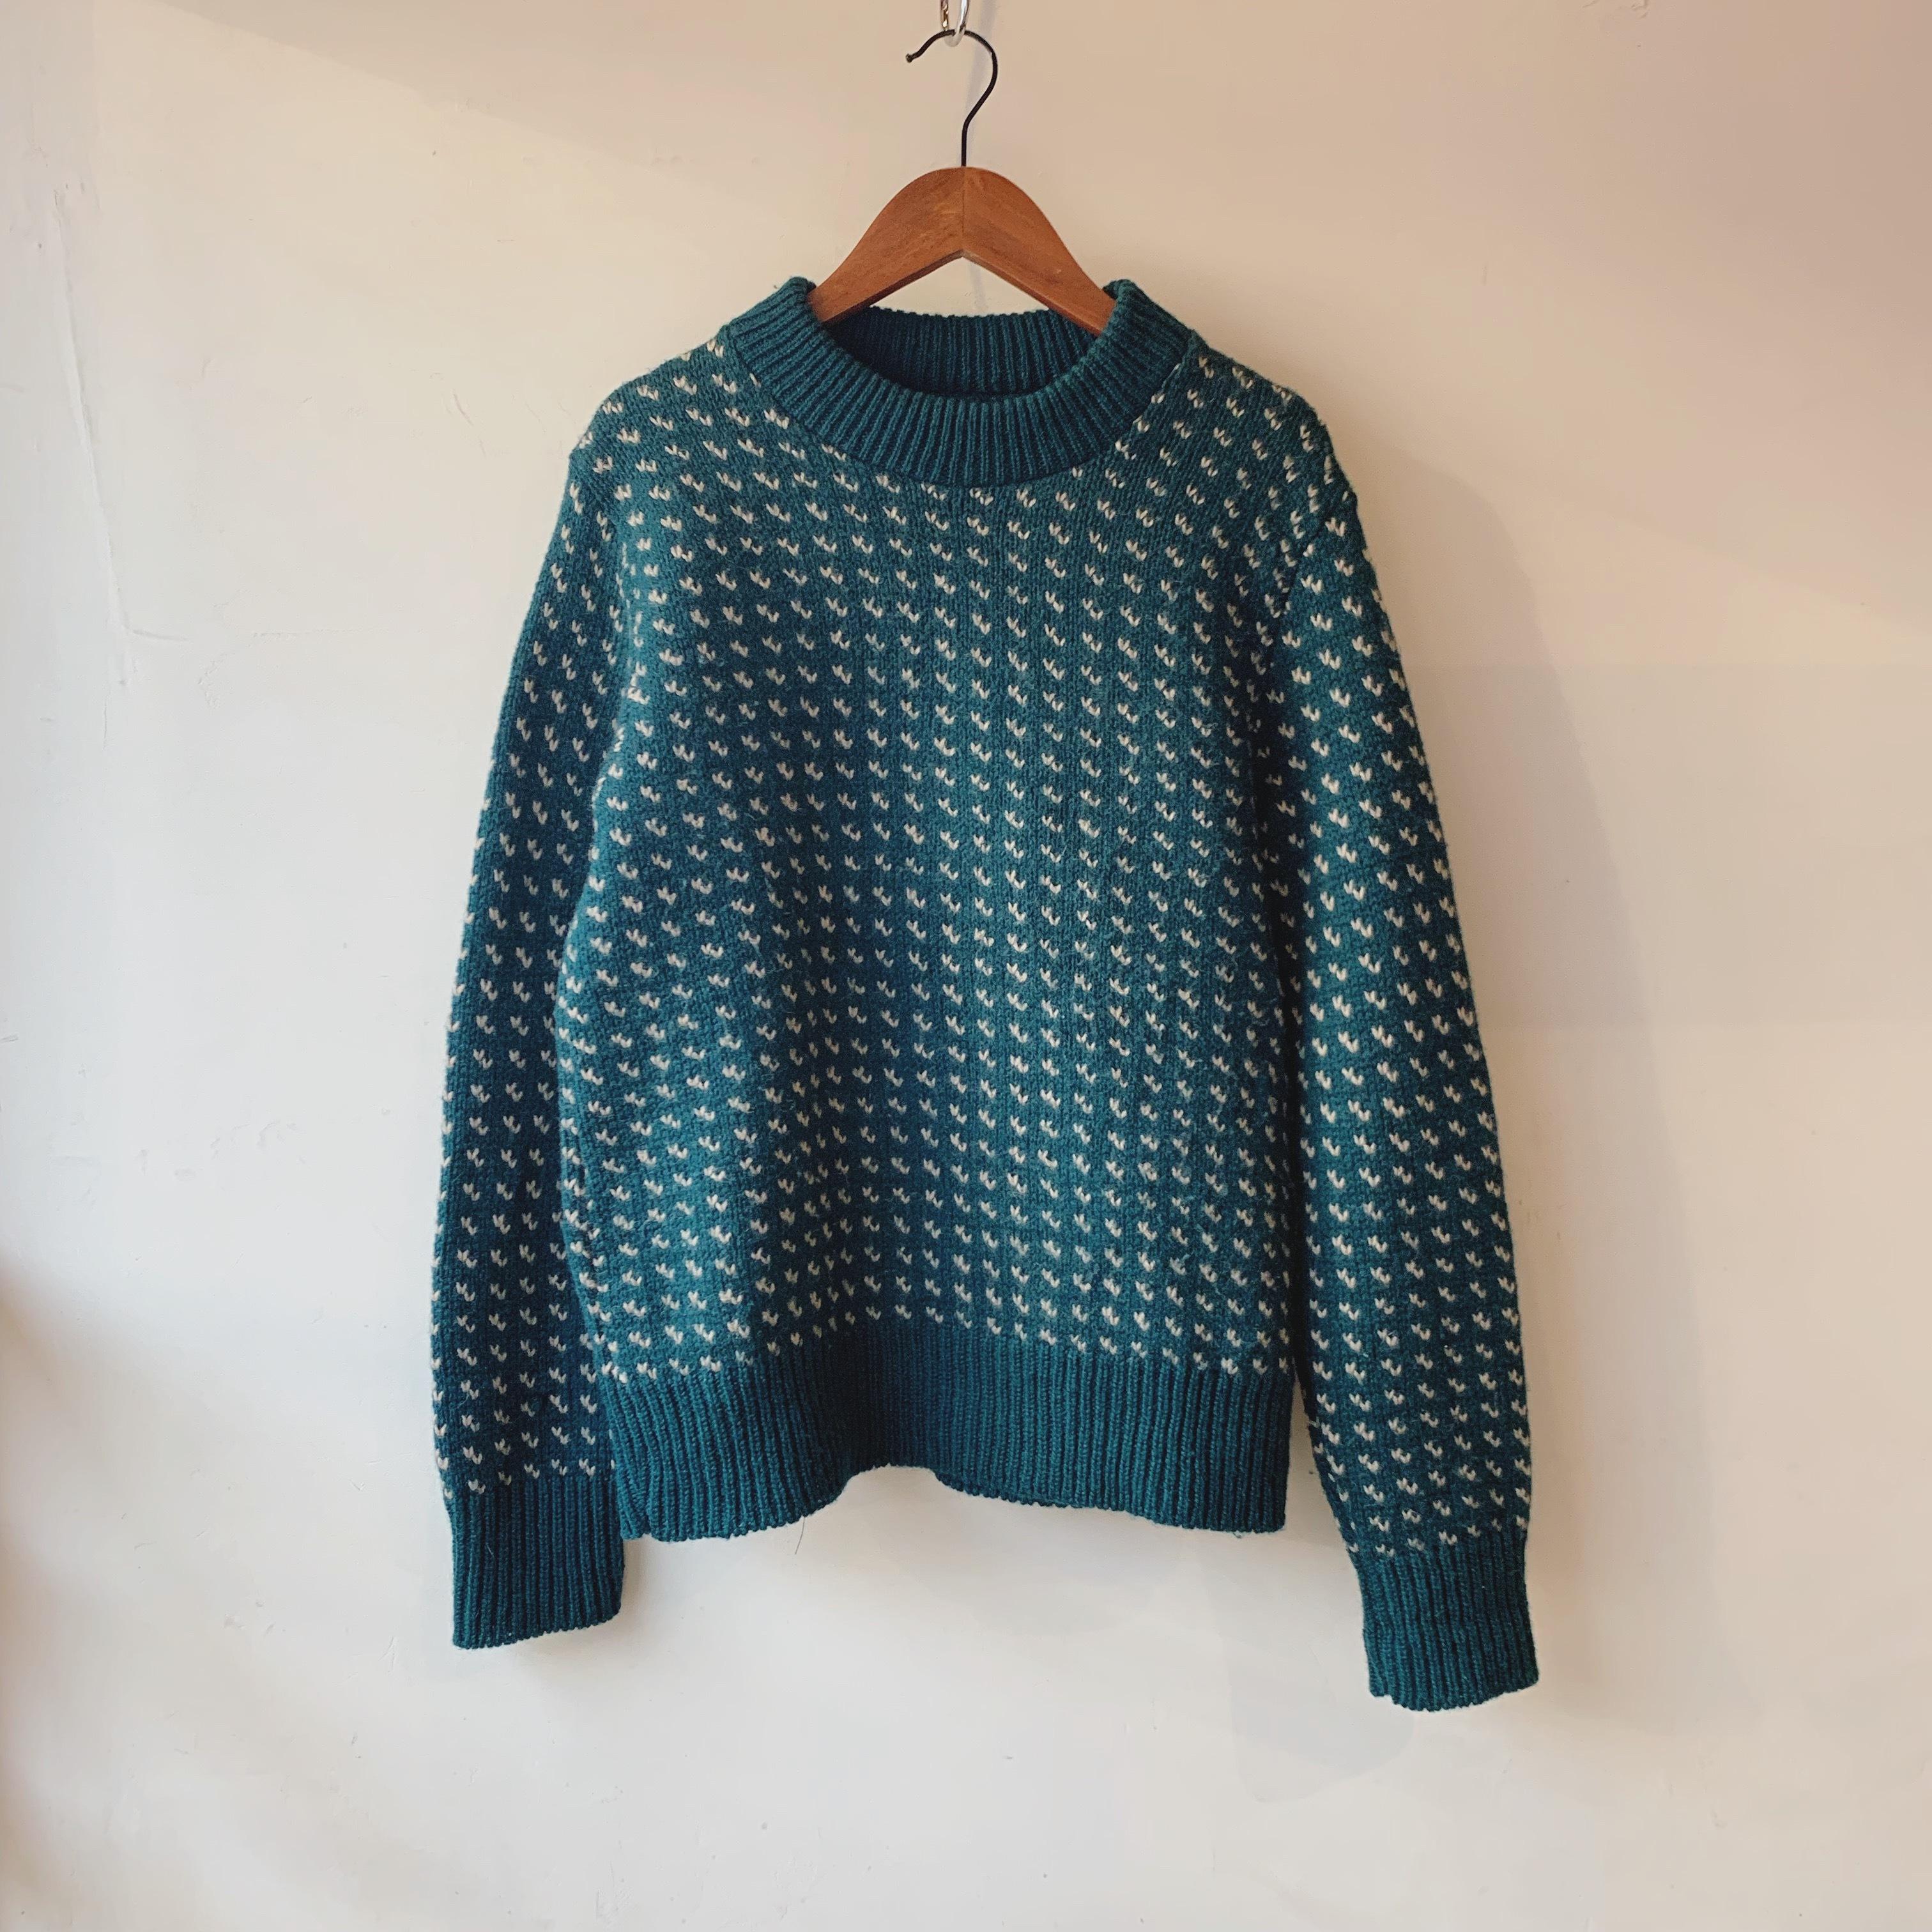 vintage design knit sweater